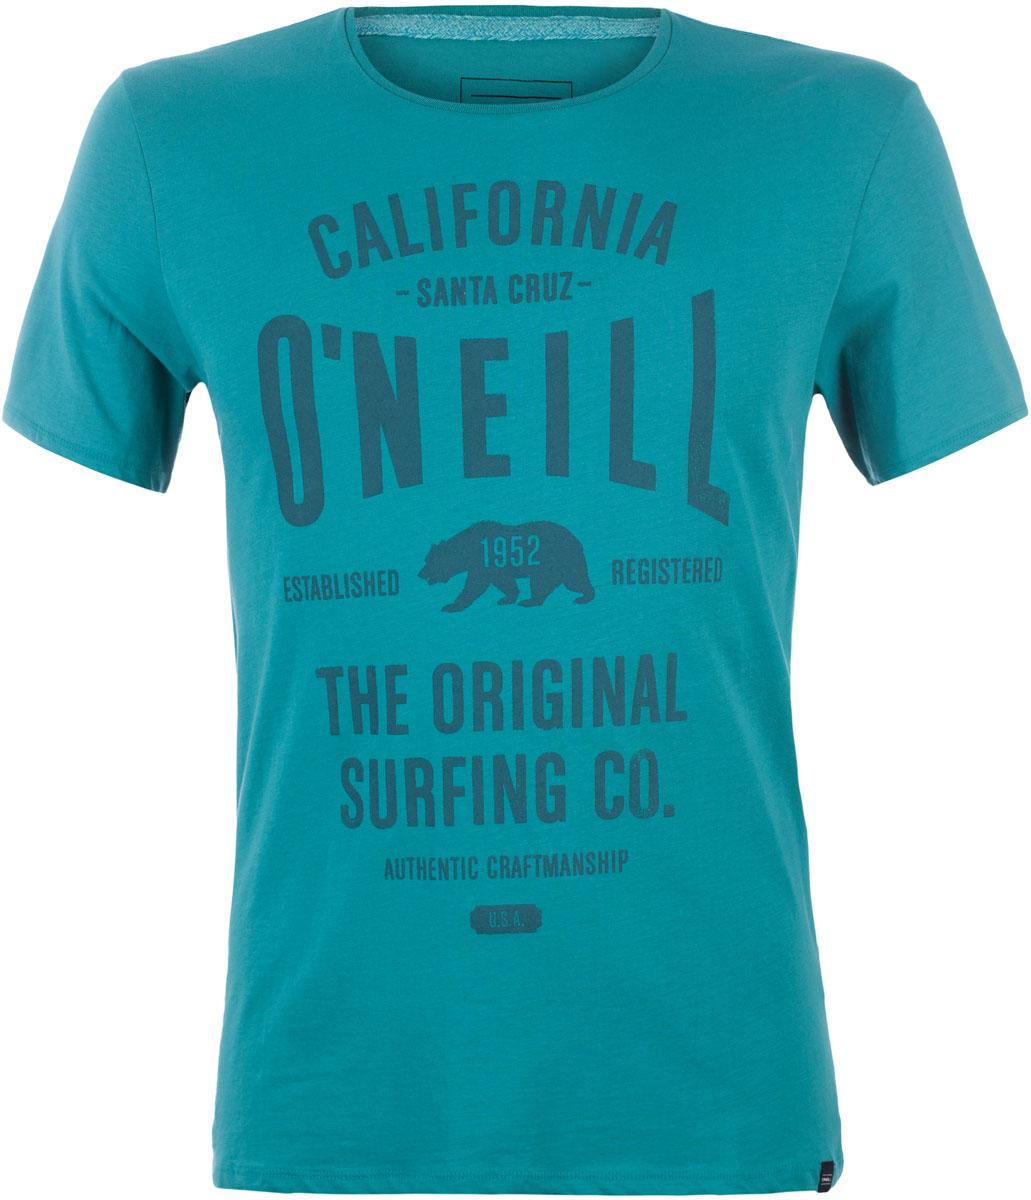 Футболка мужская ONeill Lm Muir T-Shirt, цвет: зеленый. 7A3657-6107. Размер M (48/50)7A3657-6107Футболка мужская ONeill выполнена из 100% хлопка. Модель имеет стандартный крой, короткий рукав и круглый вырез горловины. Футболка дополнена надписями.